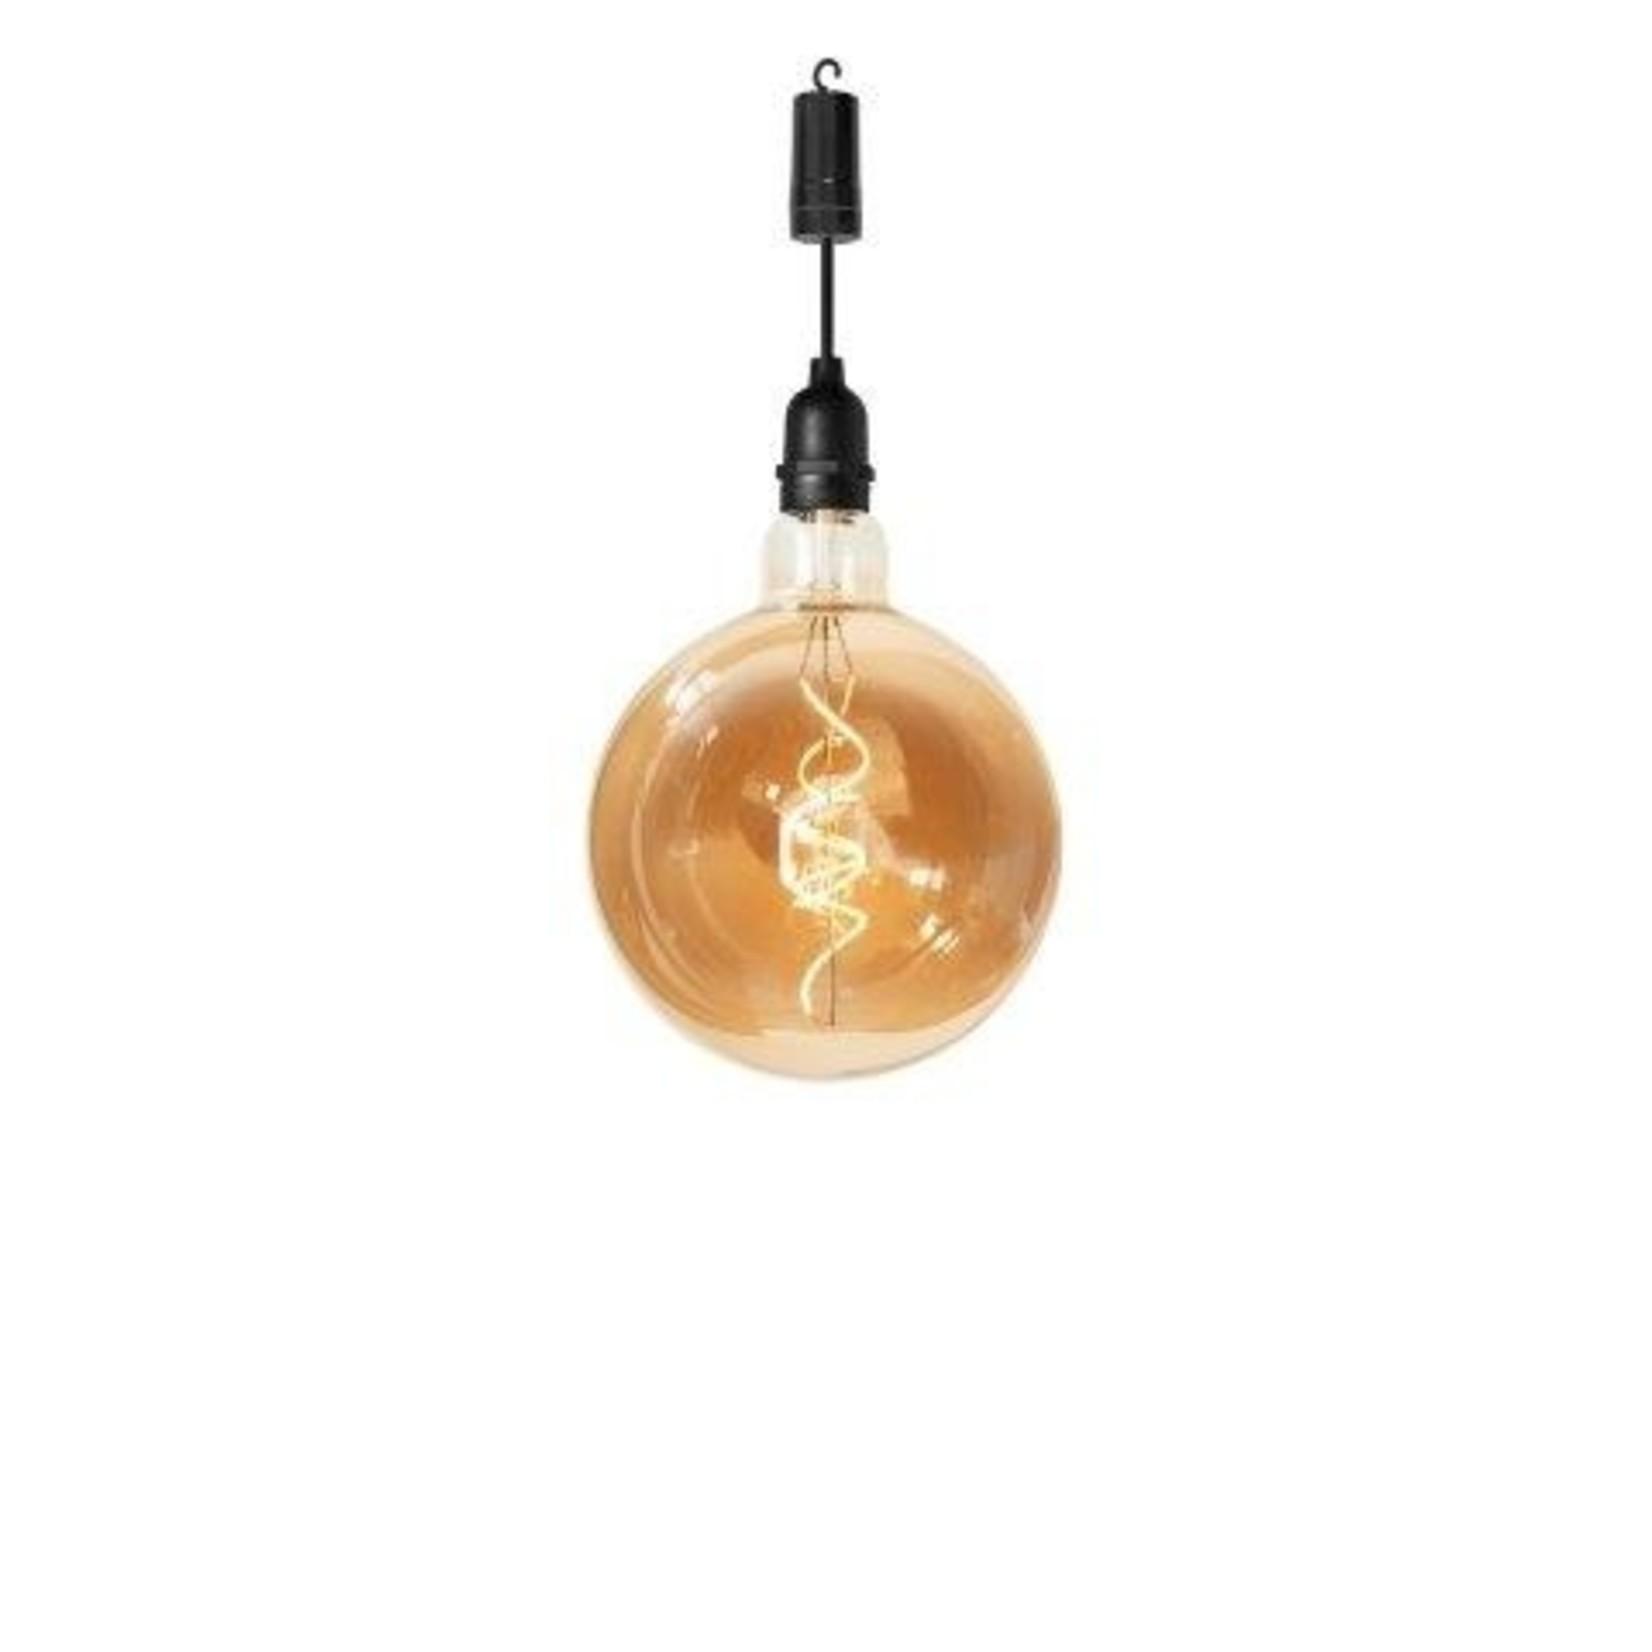 Luxform Luxform Hanglamp Sphere